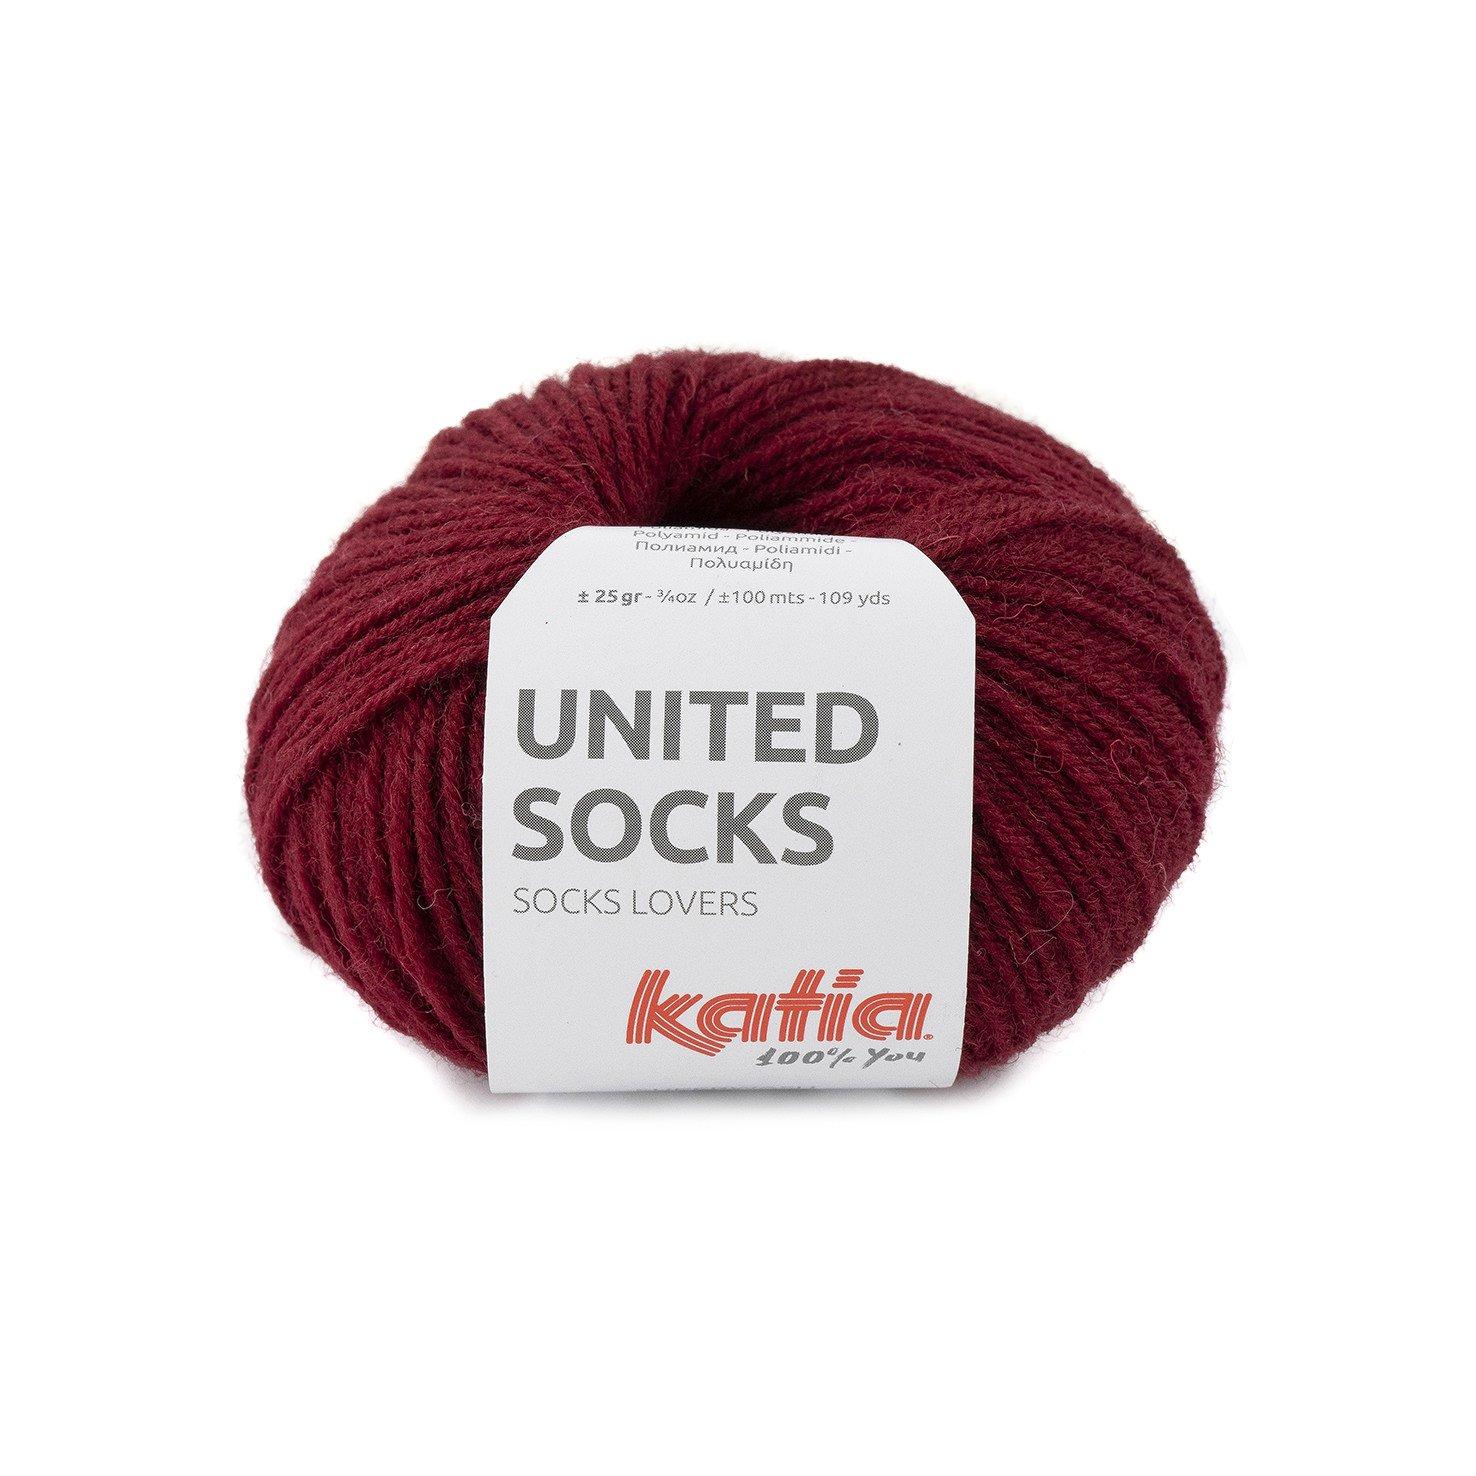 sokkenwol bordeau-paars